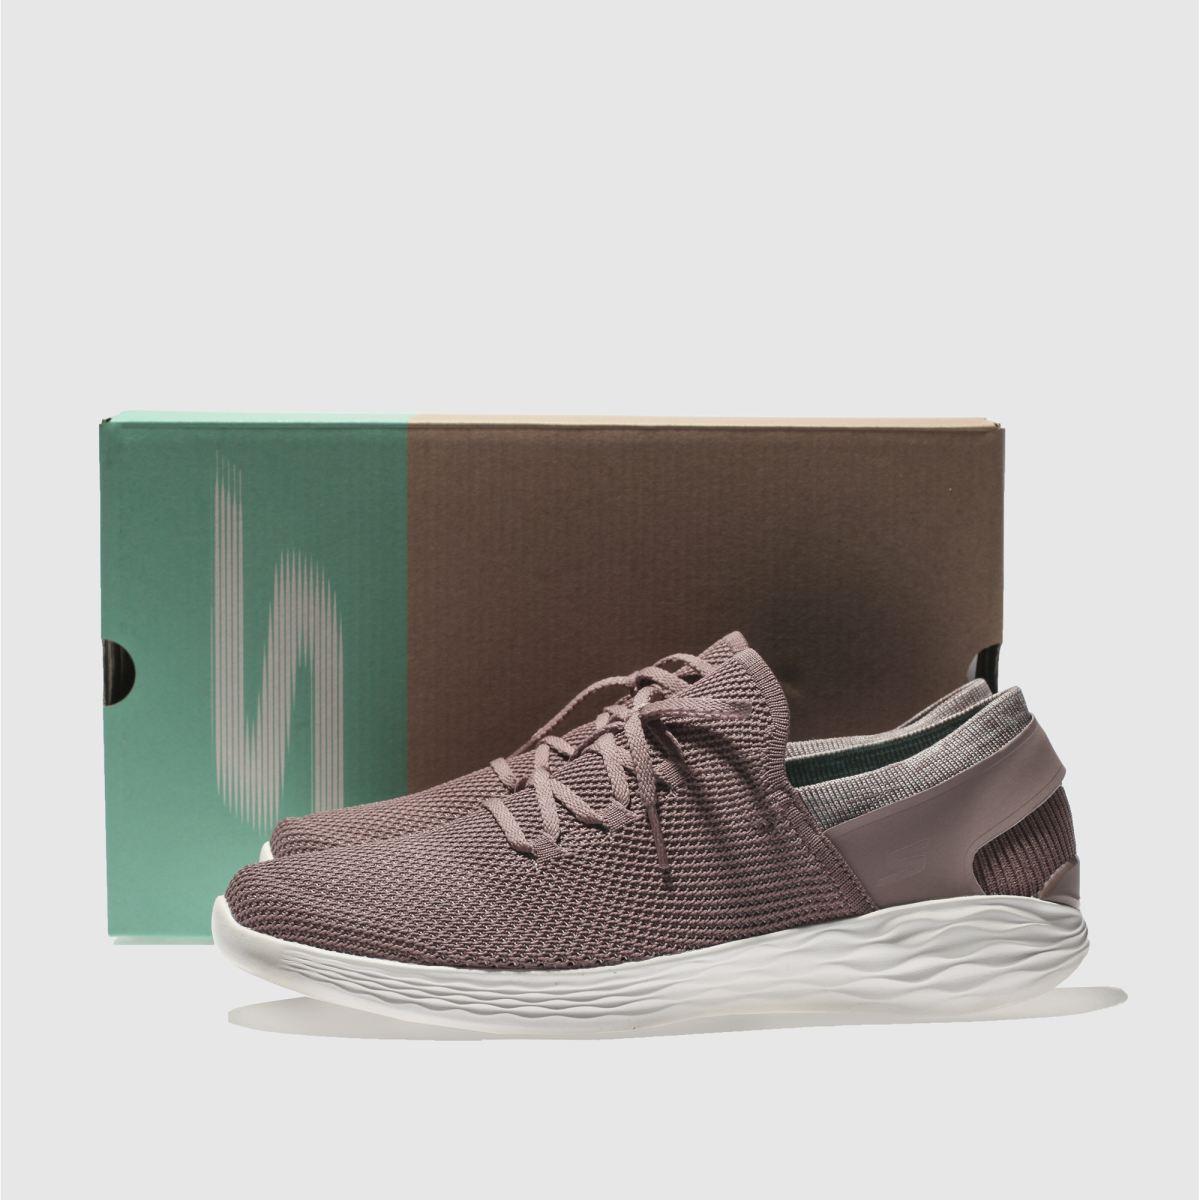 Damen Sneaker Malve skechers You Spirit Sneaker Damen | schuh Gute Qualität beliebte Schuhe f815e7